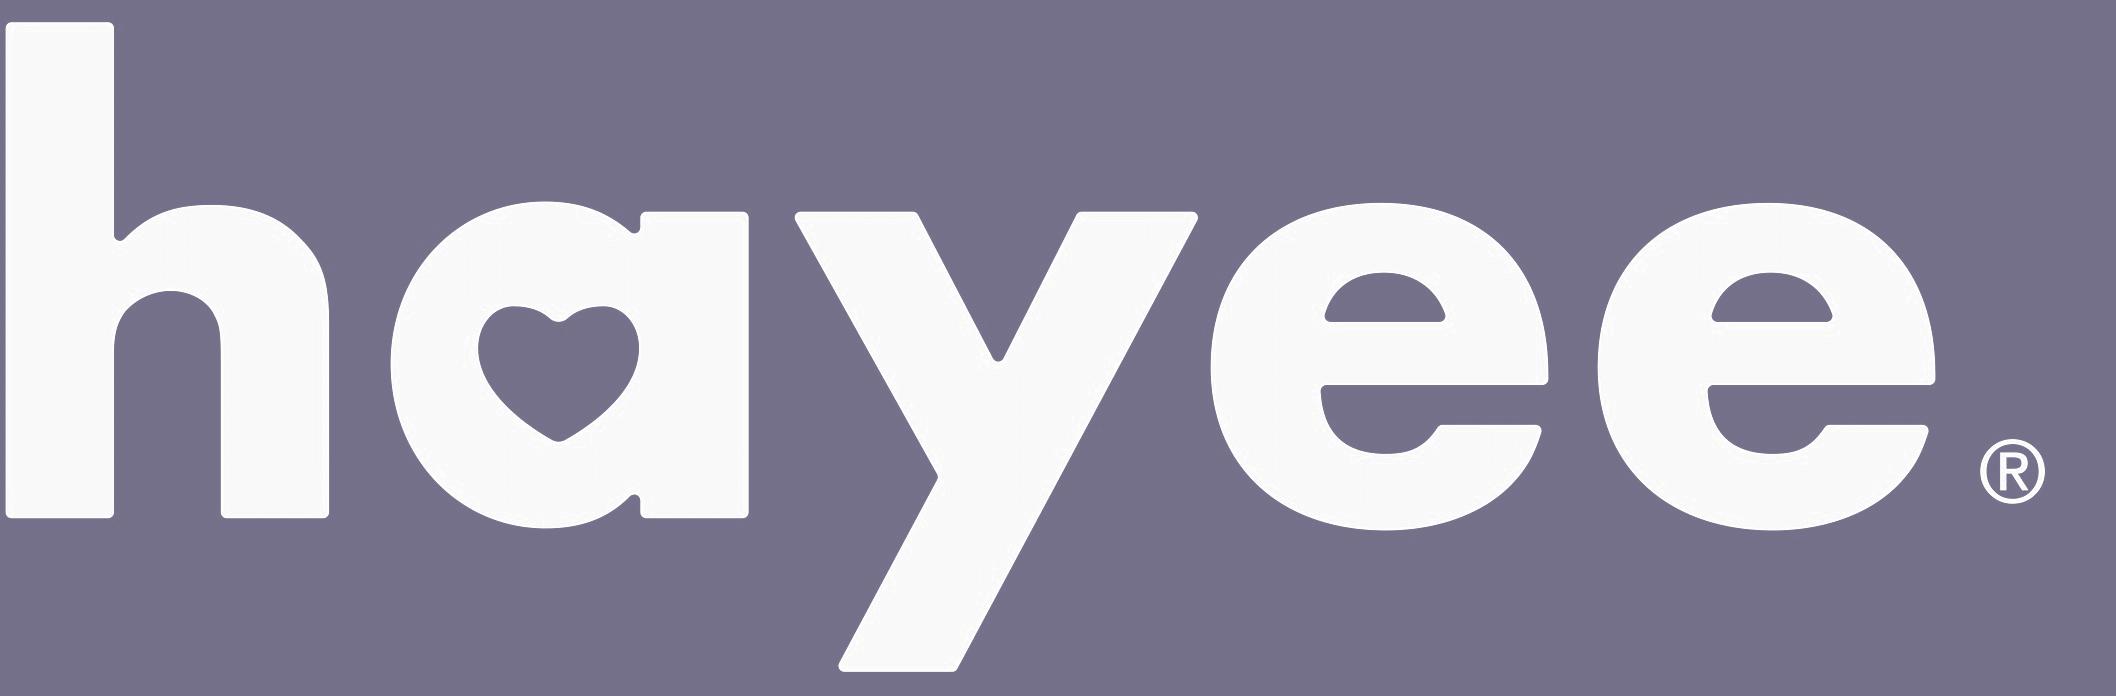 Hayee.cz